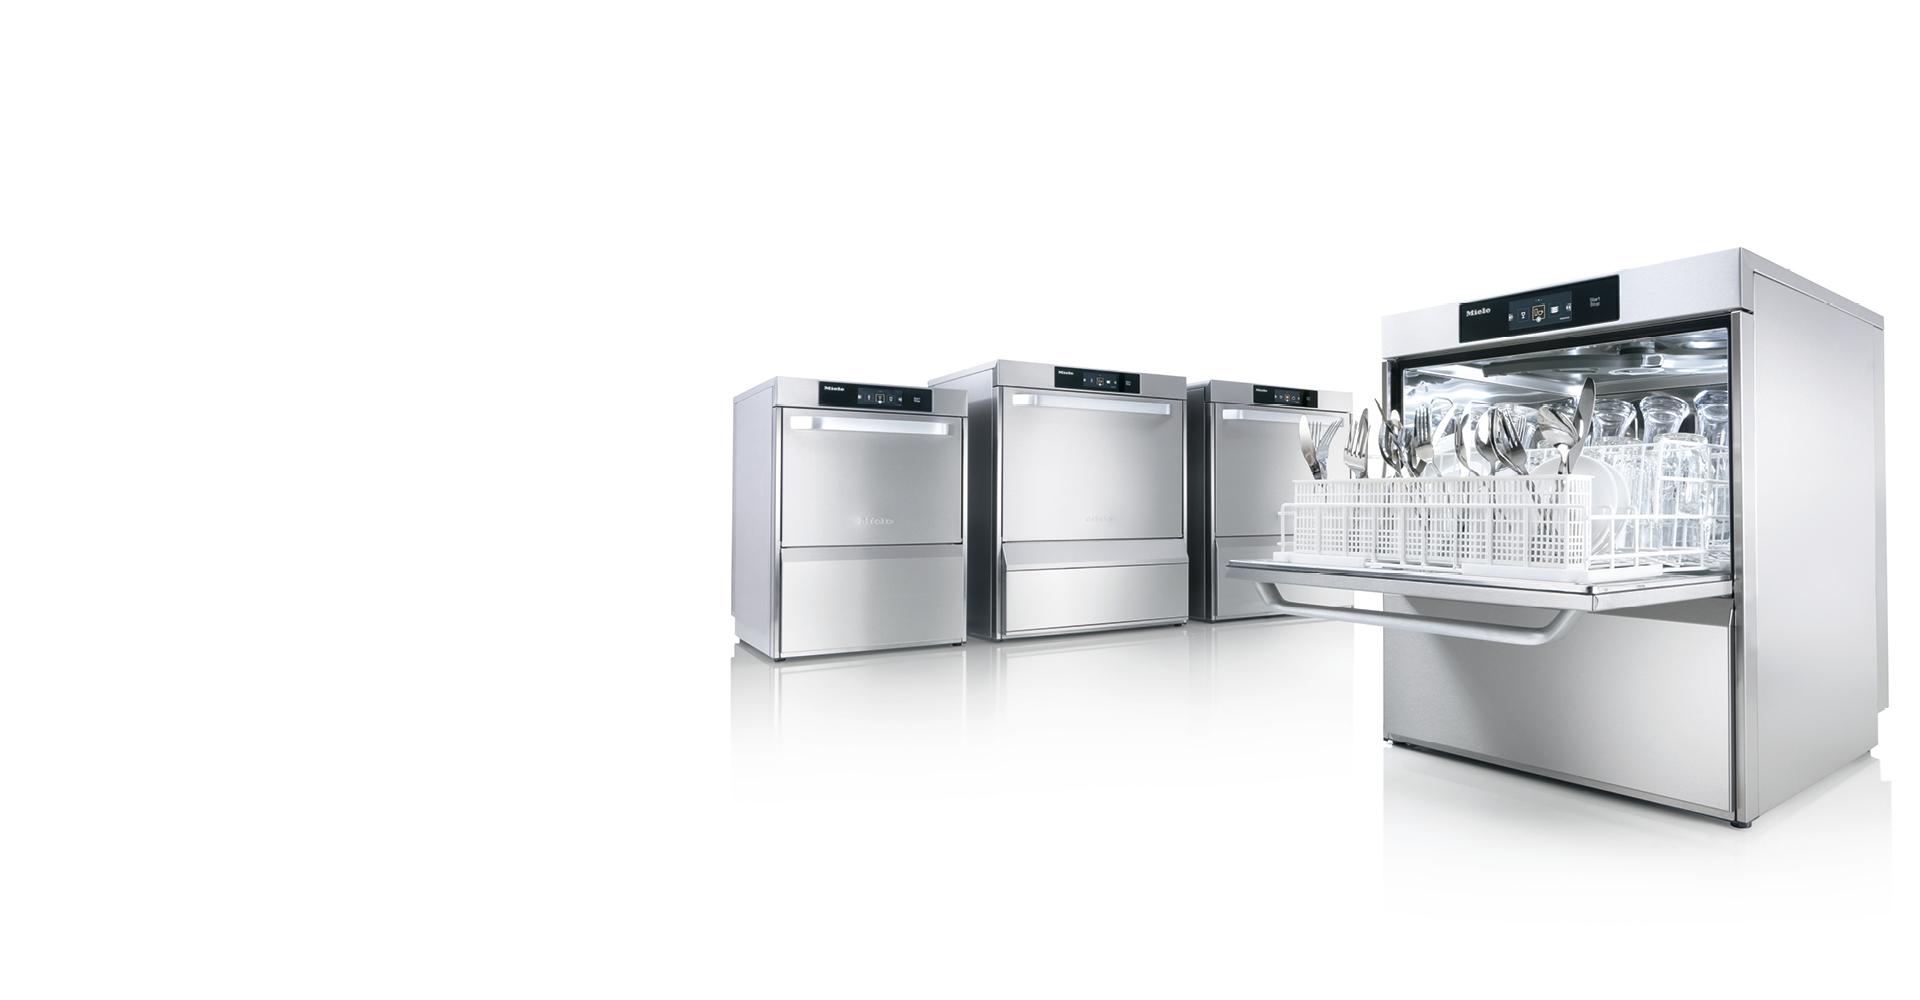 Quel Est Le Temps De Lavage D Un Lave Vaisselle lave-vaisselle professionnels miele | découvrez-les maintenant